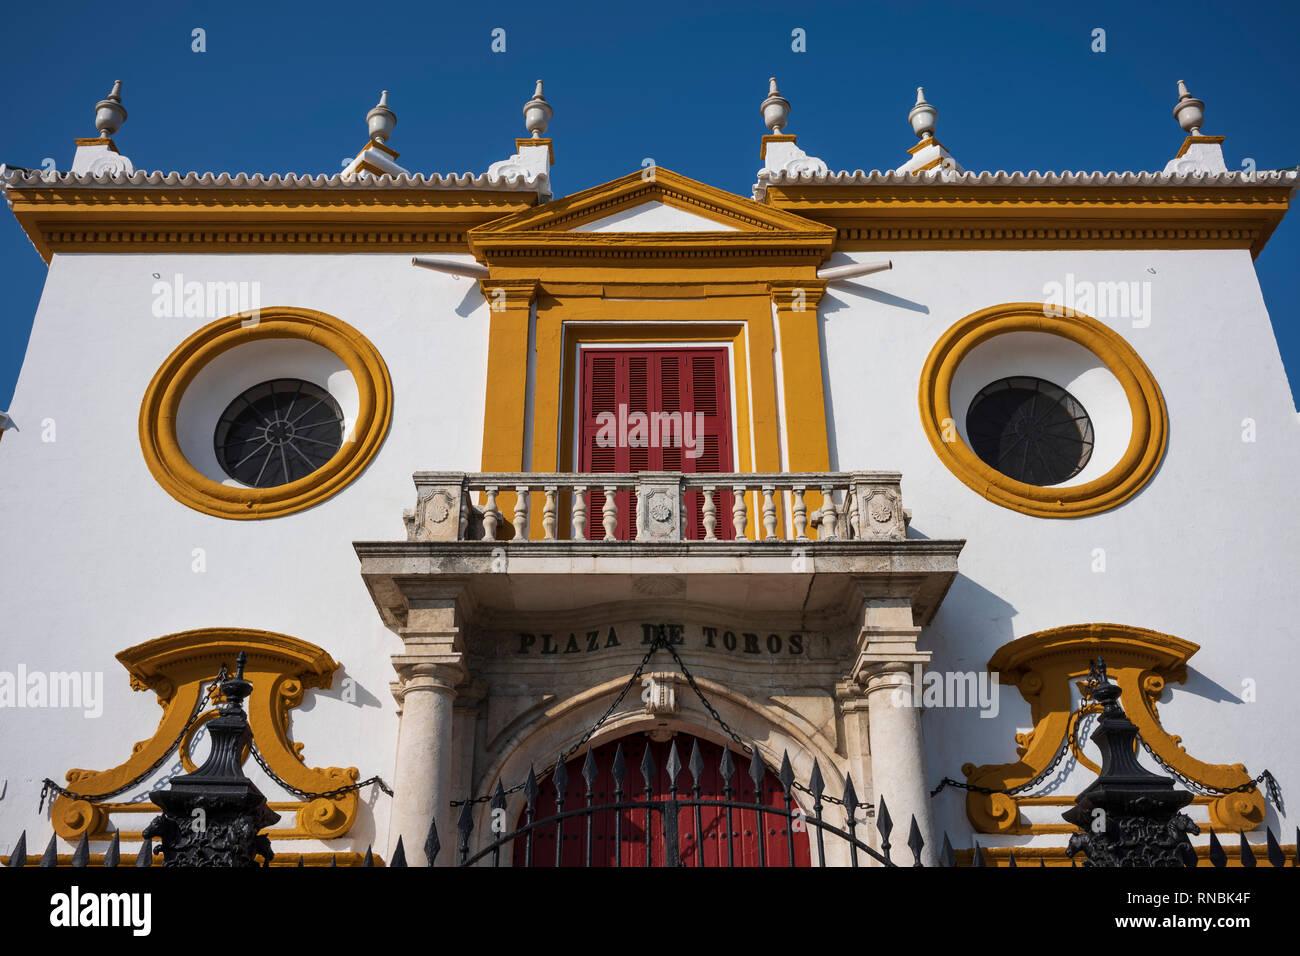 Plaza de toros de la Real Maestranza de Caballería de Sevilla, Seville, Spain. - Stock Image